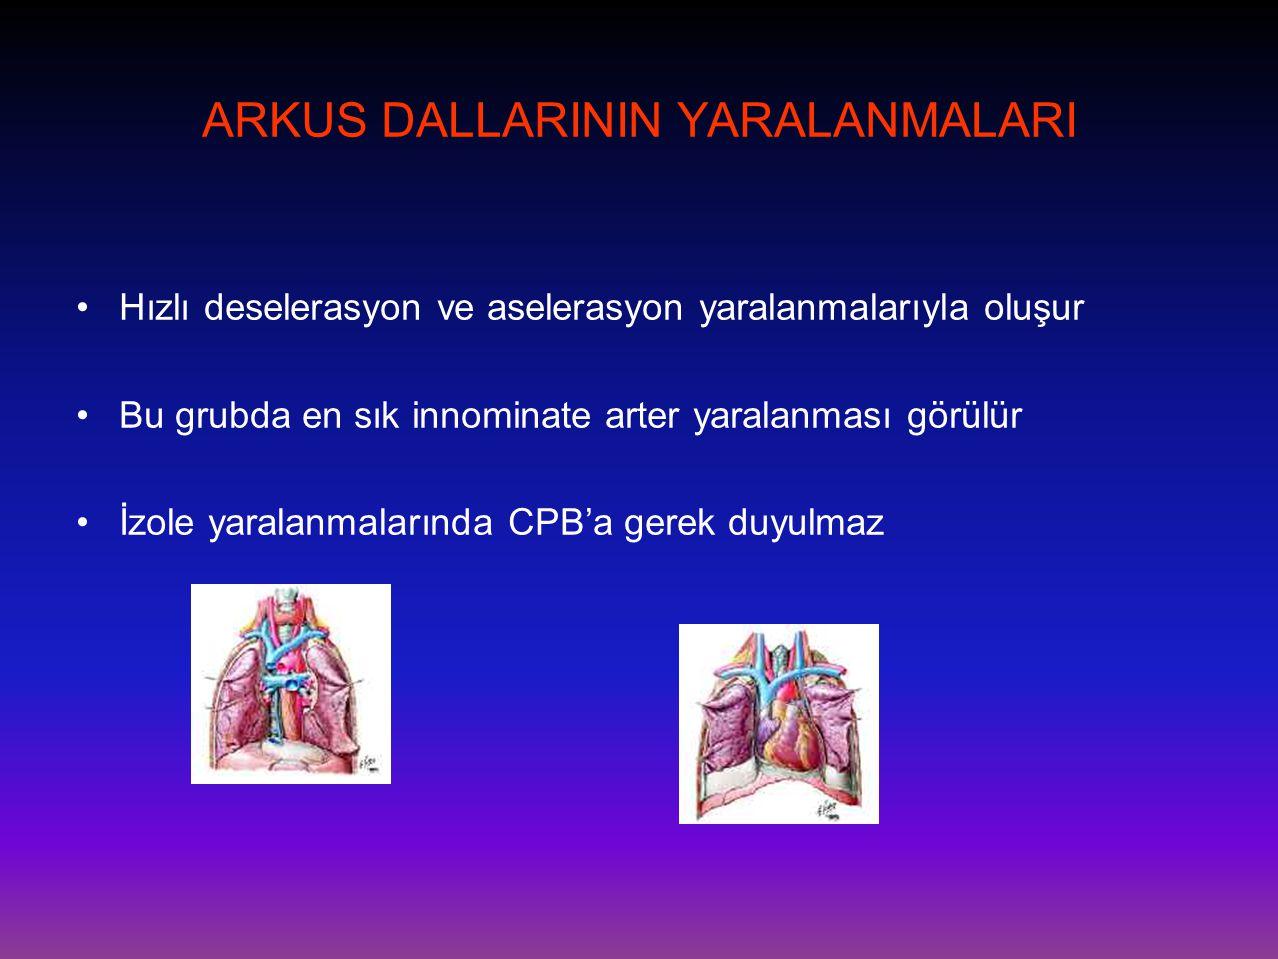 ARKUS DALLARININ YARALANMALARI •Hızlı deselerasyon ve aselerasyon yaralanmalarıyla oluşur •Bu grubda en sık innominate arter yaralanması görülür •İzol